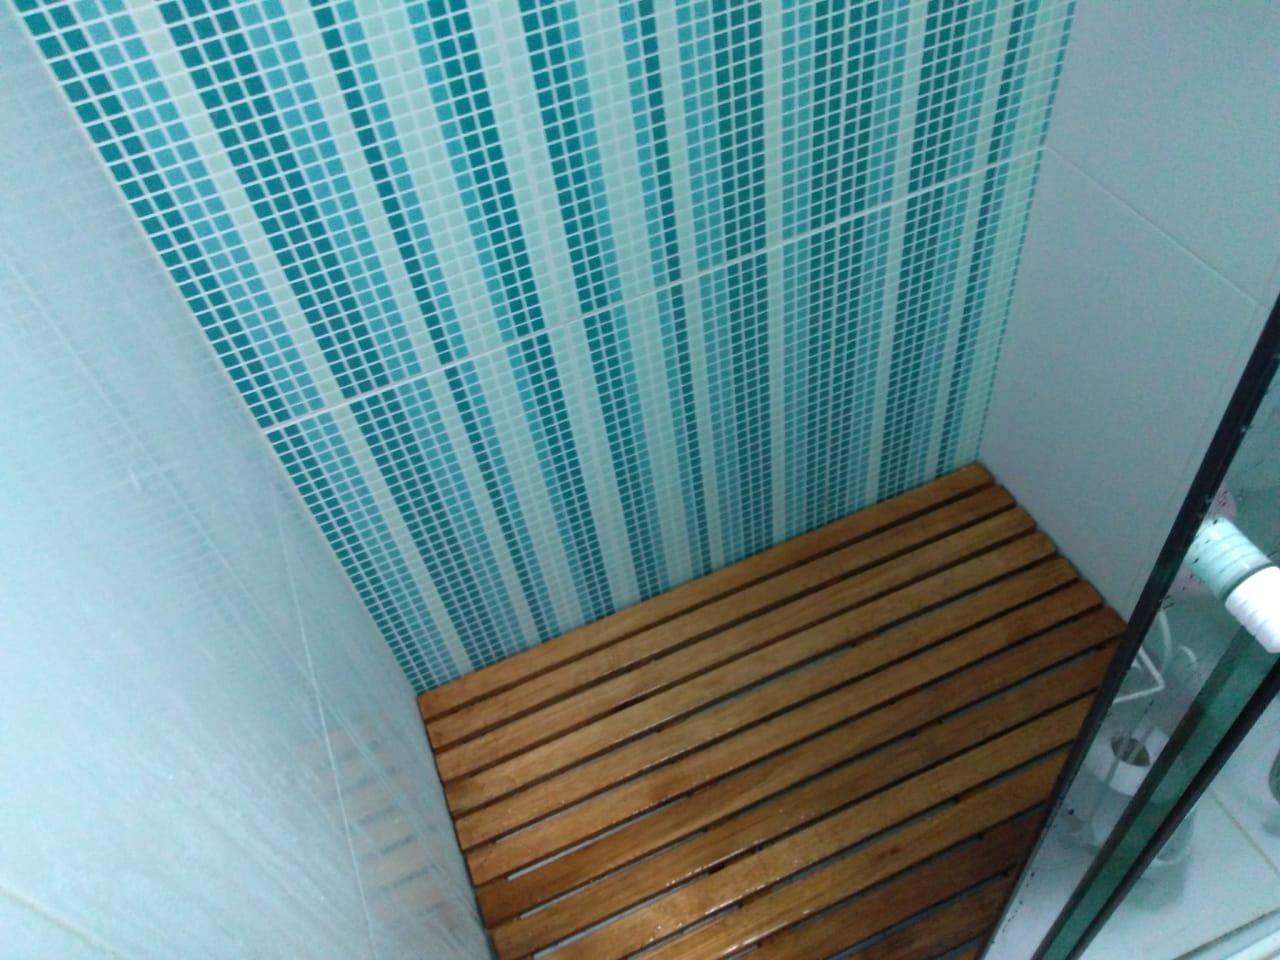 Deck De Madeira Chuveiro Box Banheiro Capacho 130x75 cm Lixado Neonx